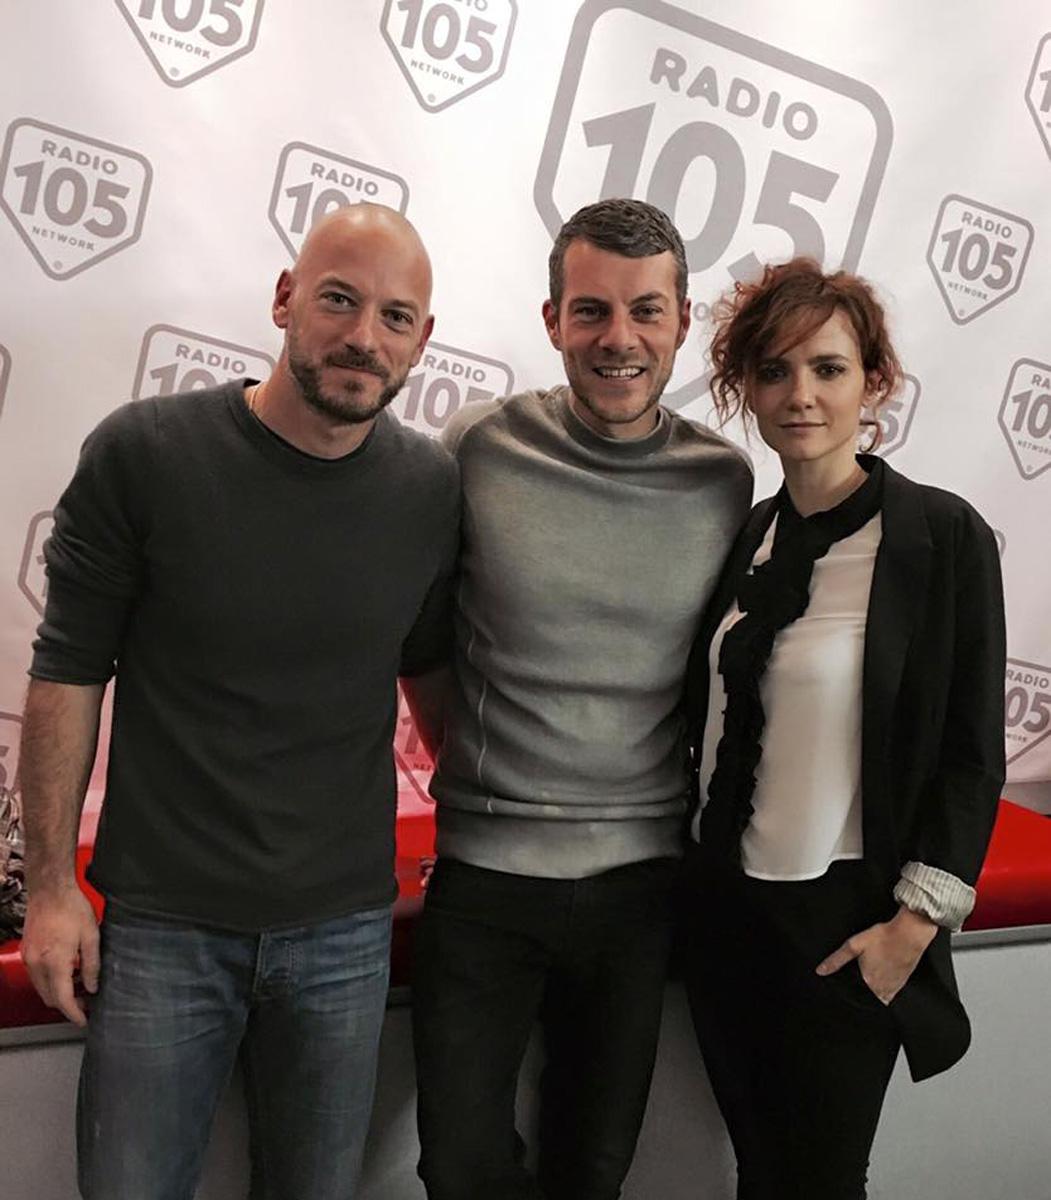 At Radio 105